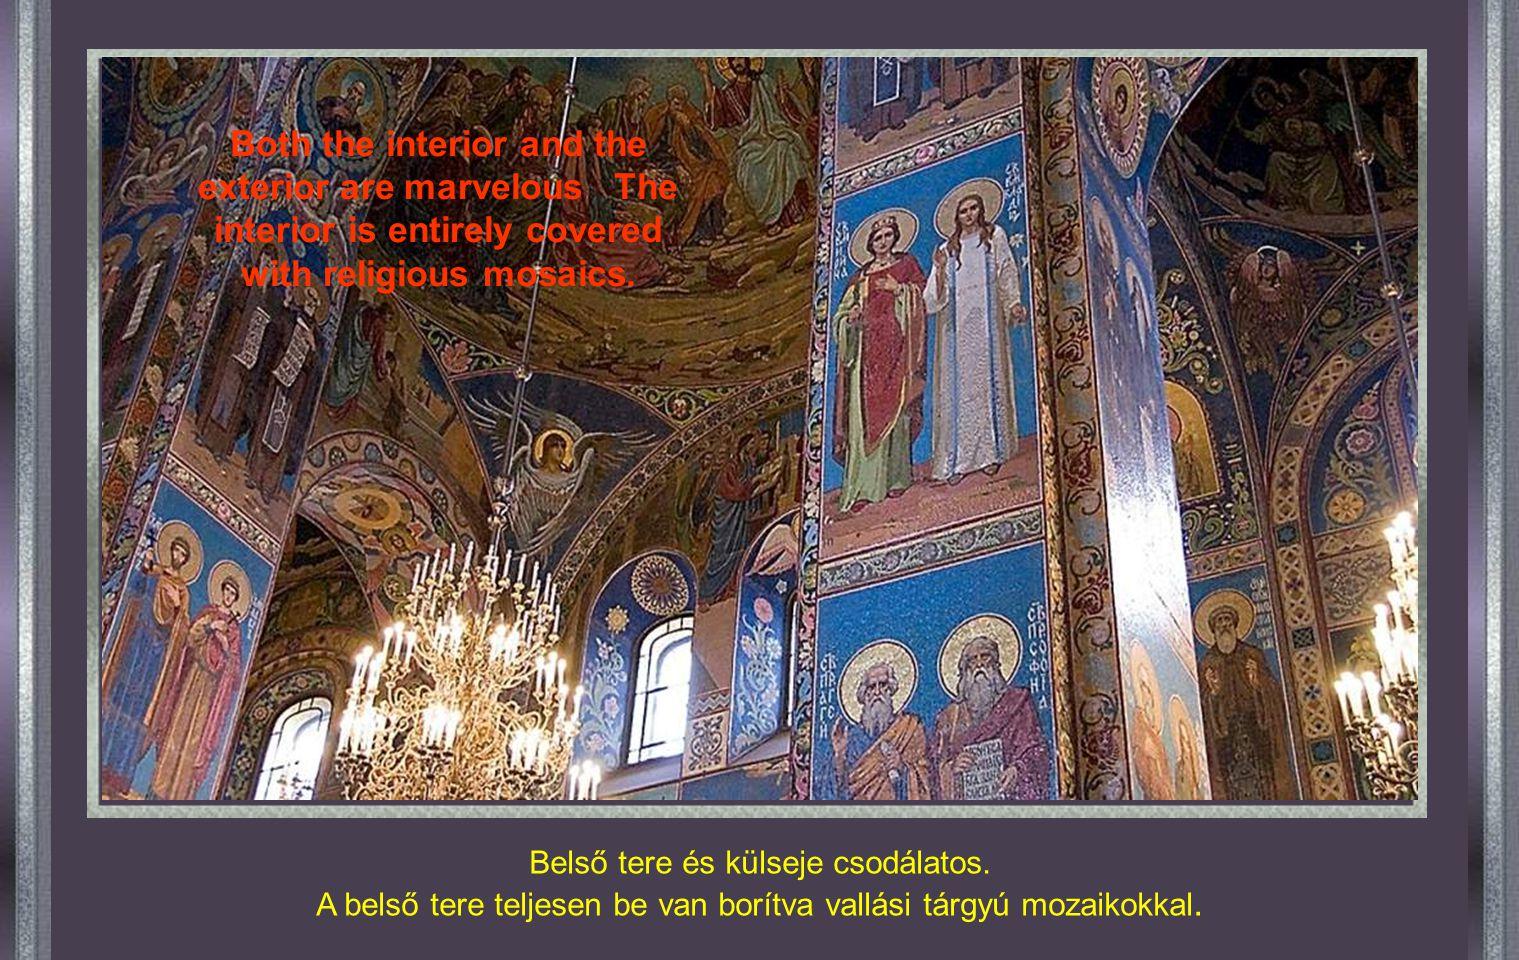 Belső tere és külseje csodálatos.A belső tere teljesen be van borítva vallási tárgyú mozaikokkal.